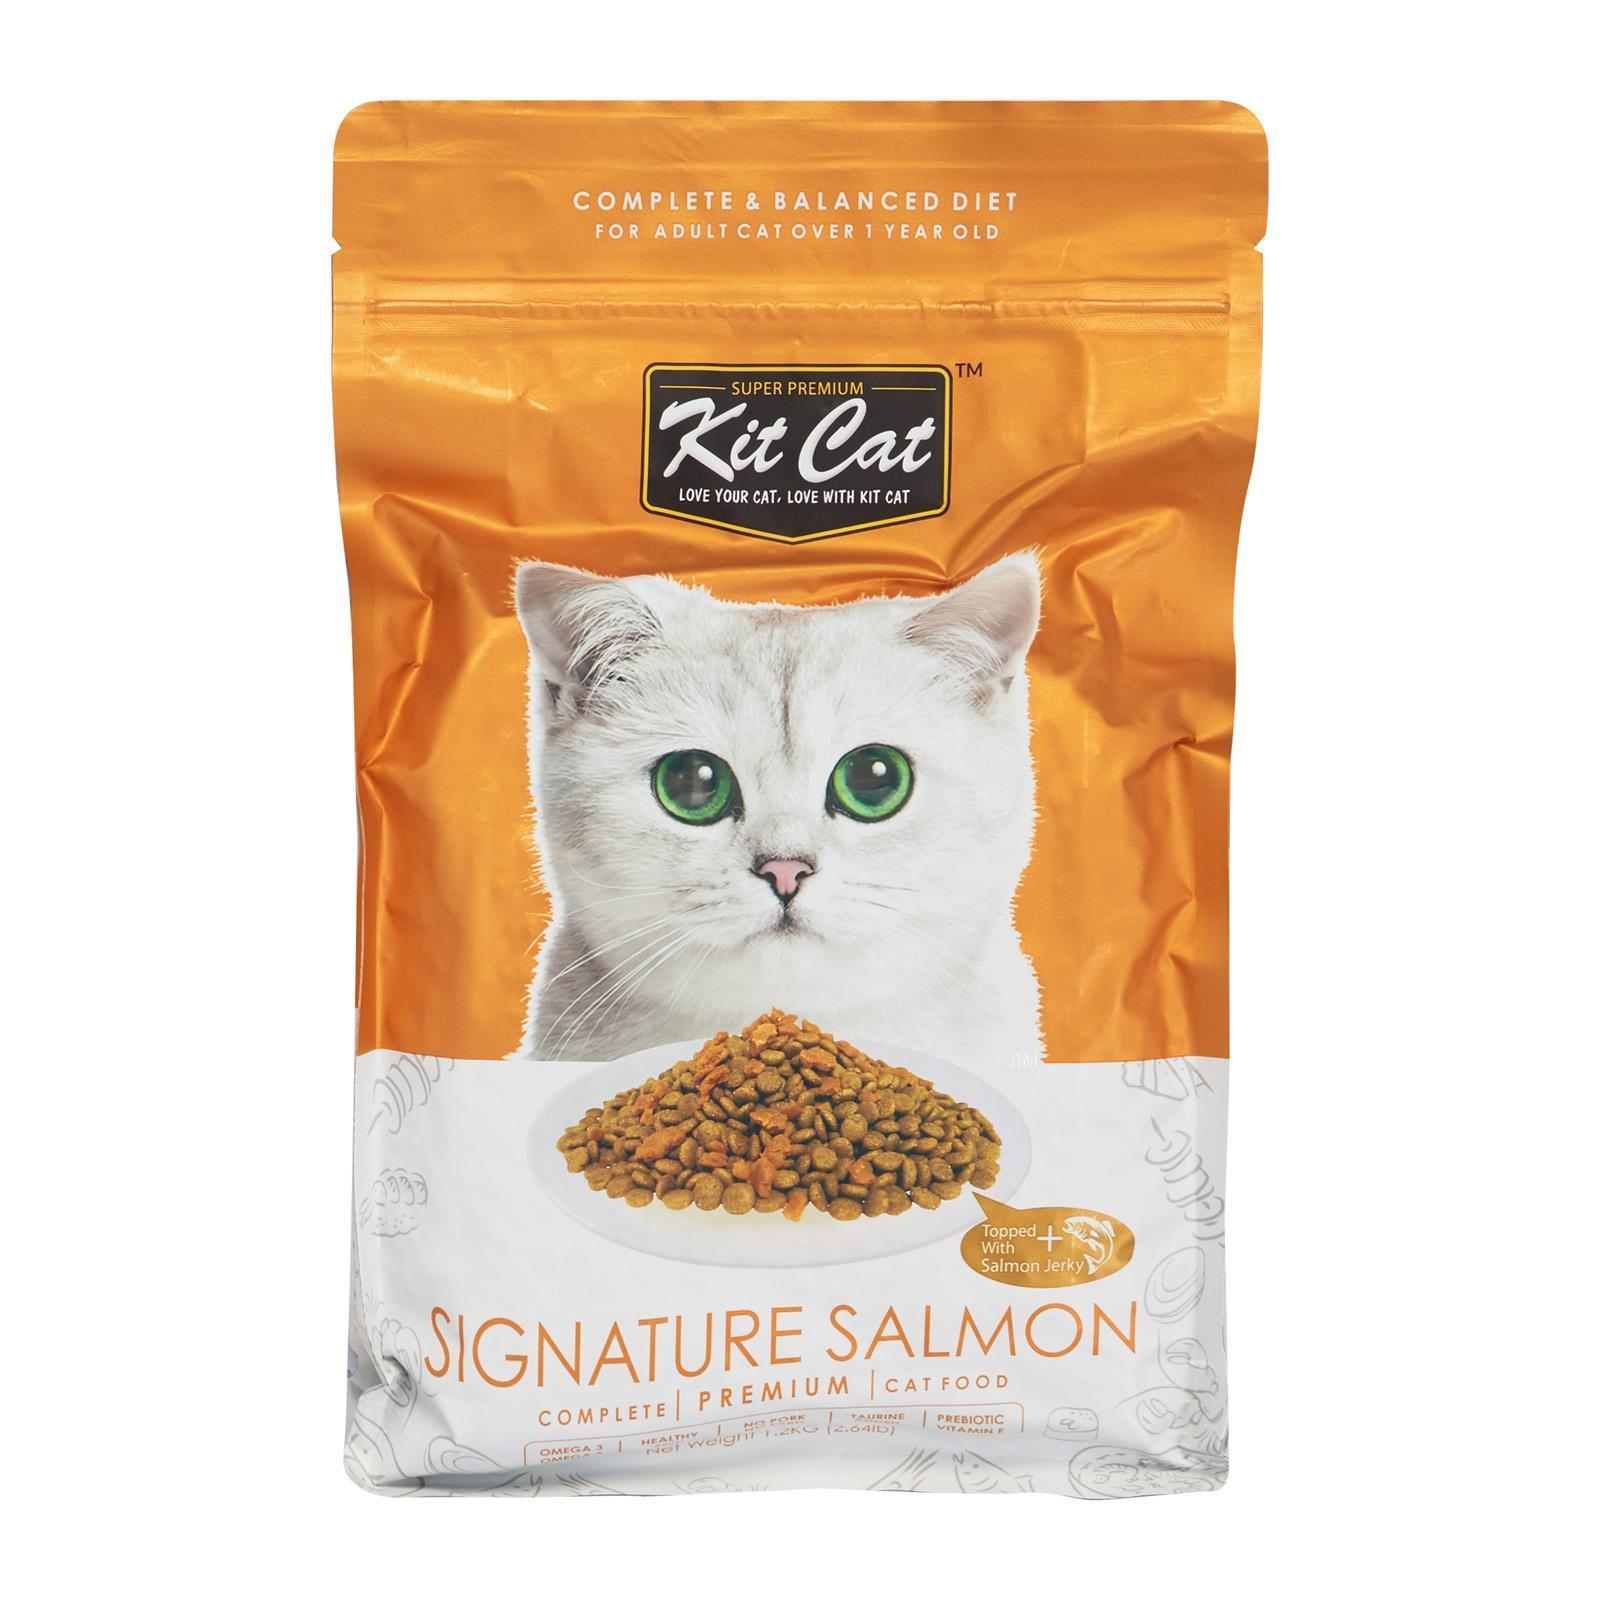 Kit Cat Premium Cat Food Signature Salmon - Dry Cat Food